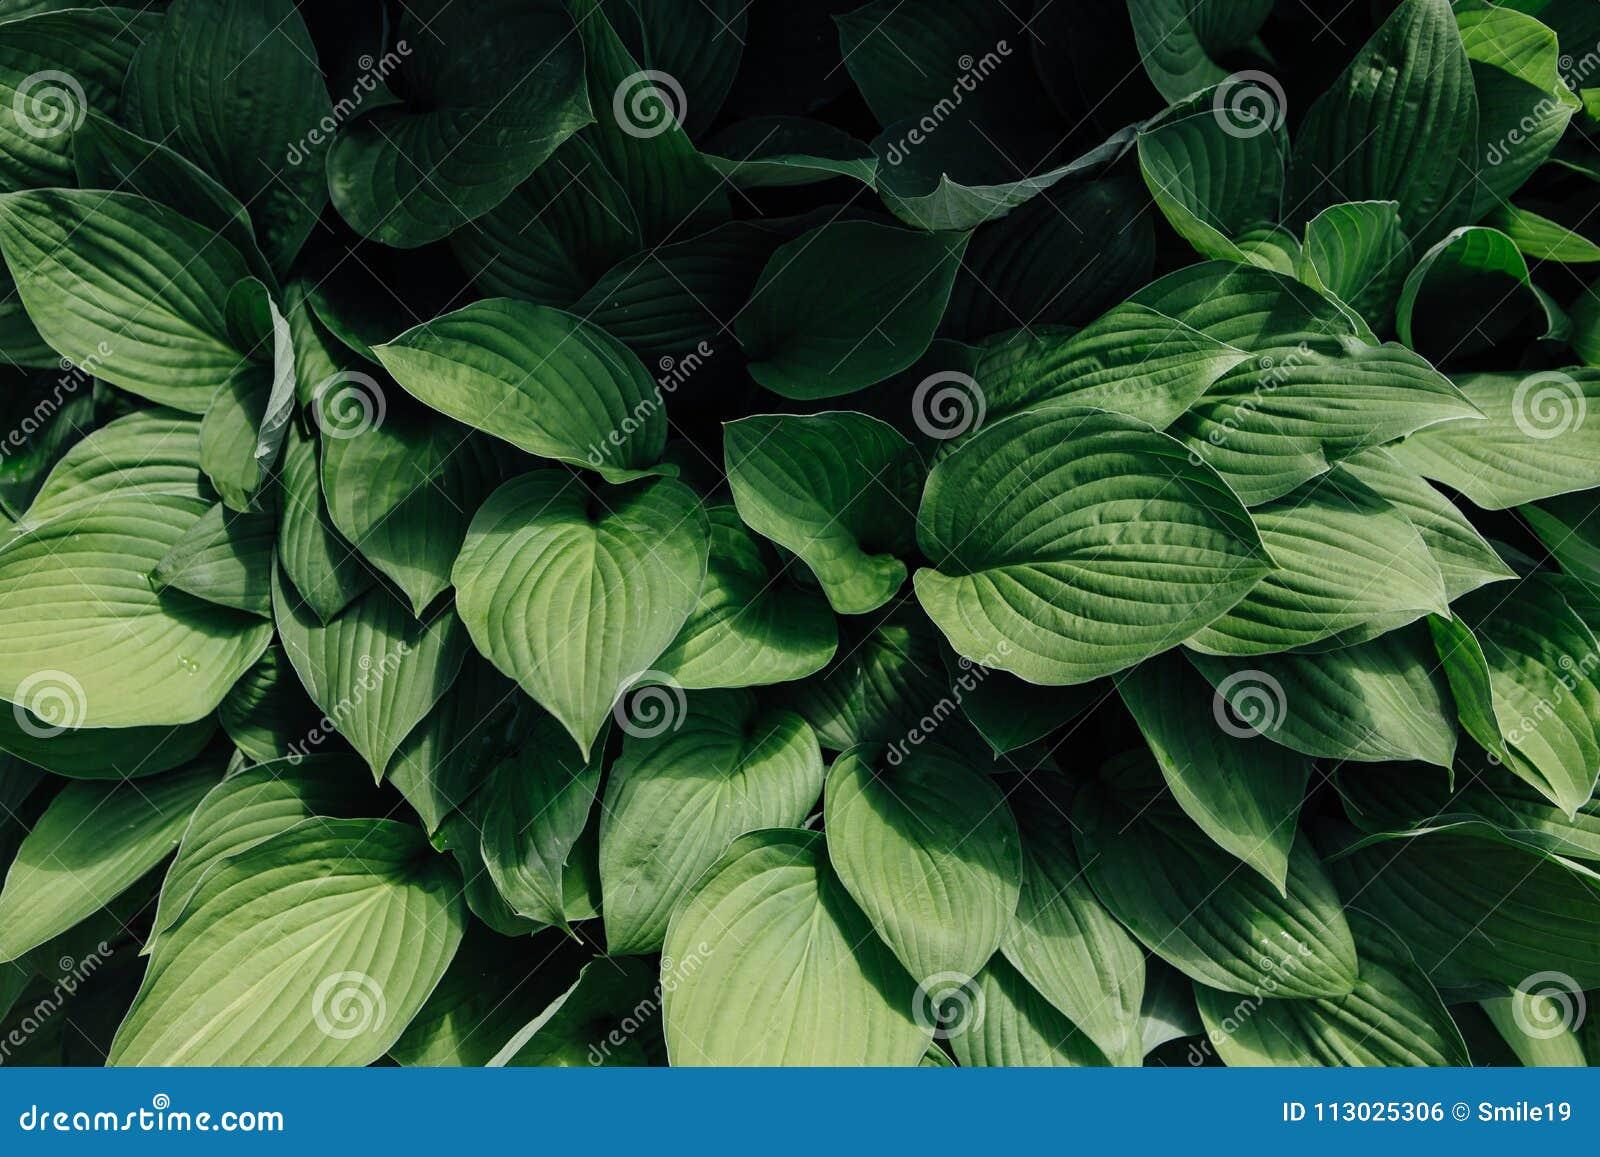 Fondo de las hojas del lirio de los valles